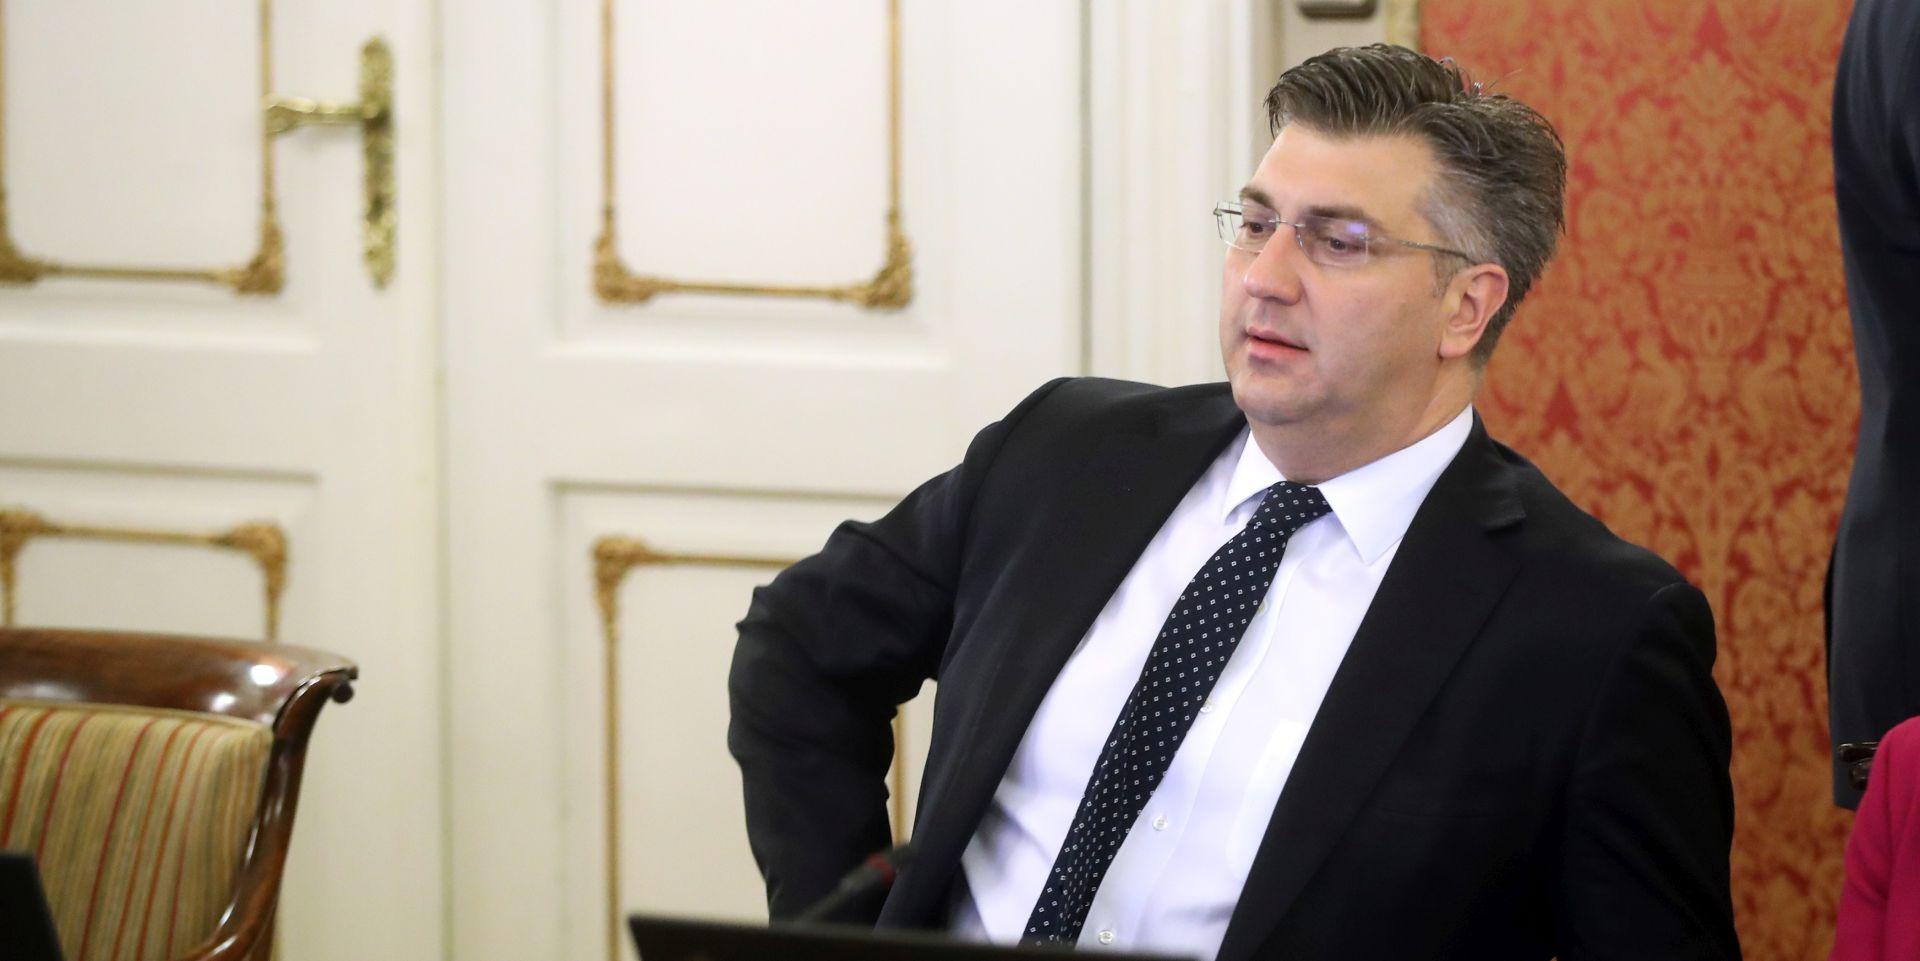 'Interpelacija bespredmetna jer je IK upućena u saborsku proceduru'